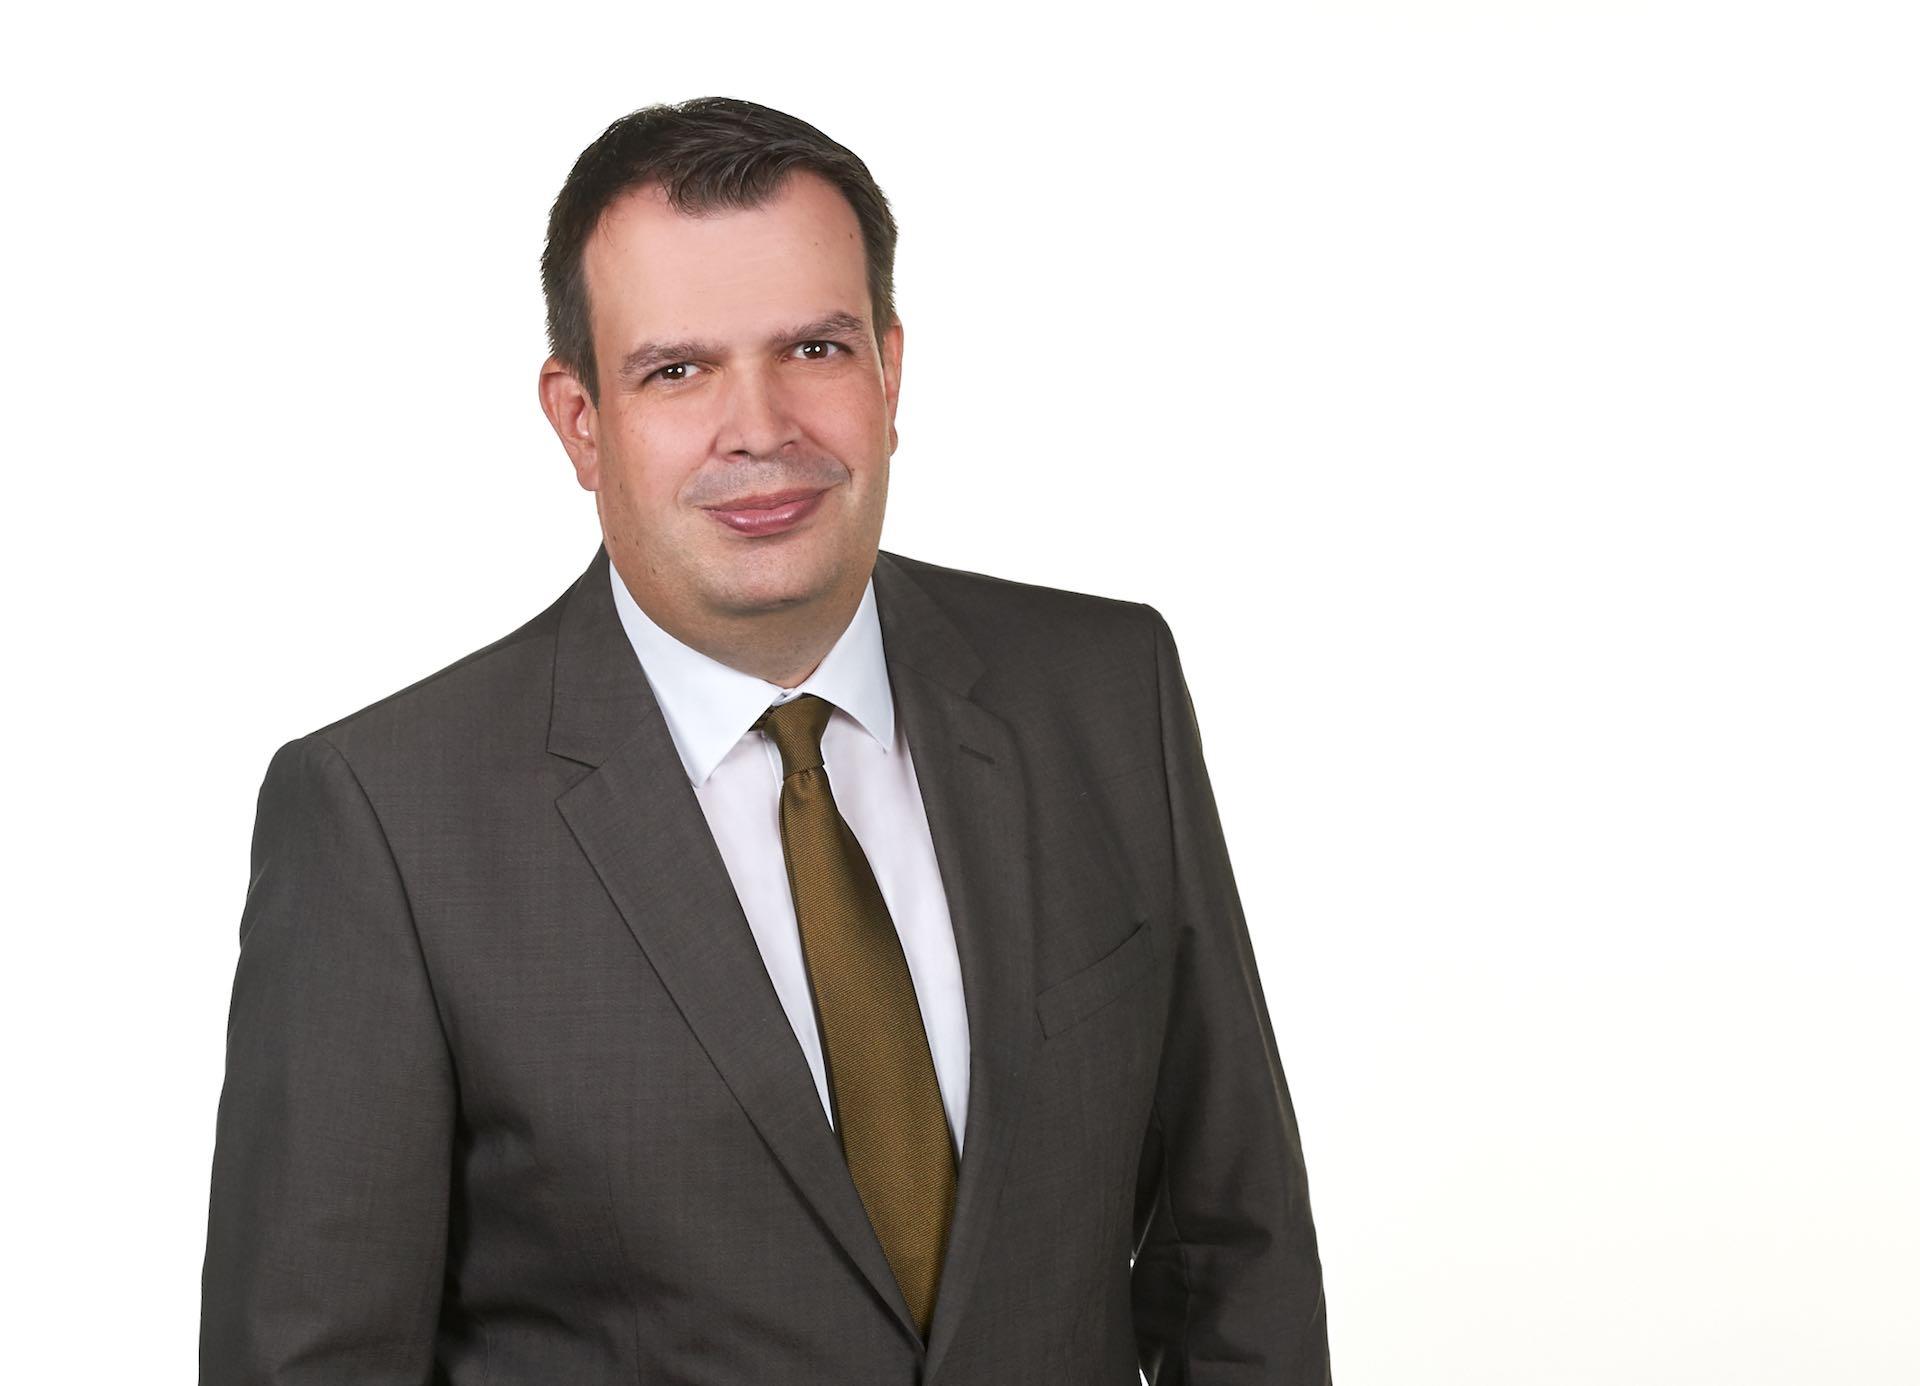 Christian Stommel